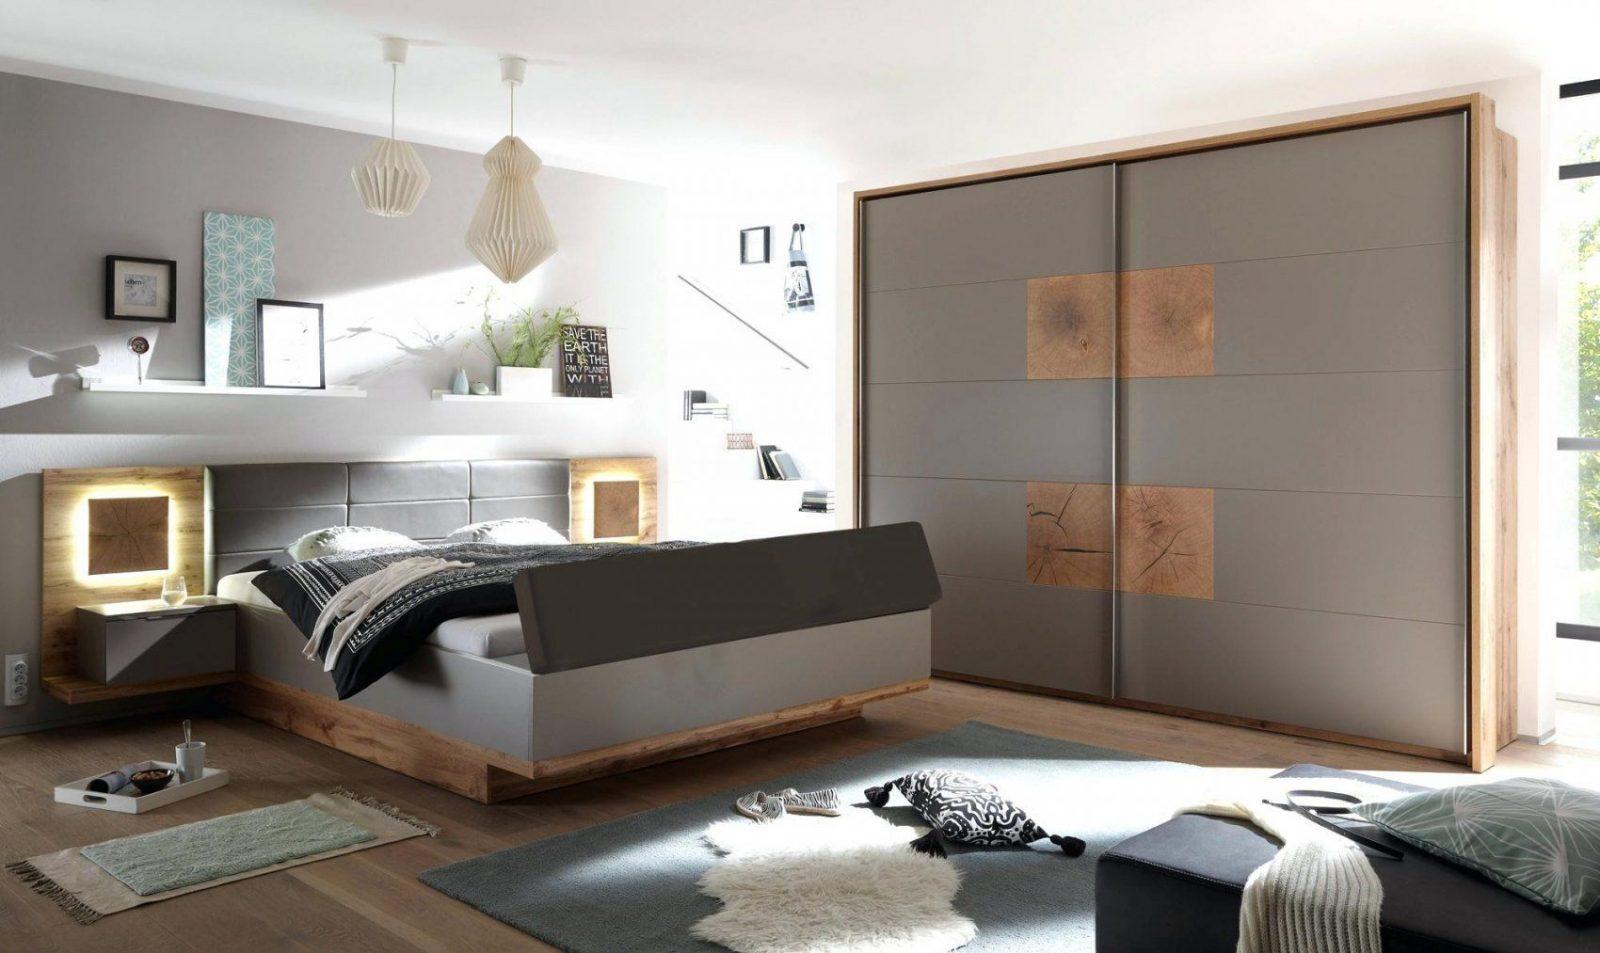 Männer Schlafzimmer Faszinierend Inspiration Um Männer Schlafzimmer von Schlafzimmer Einrichten Kleiner Raum Bild